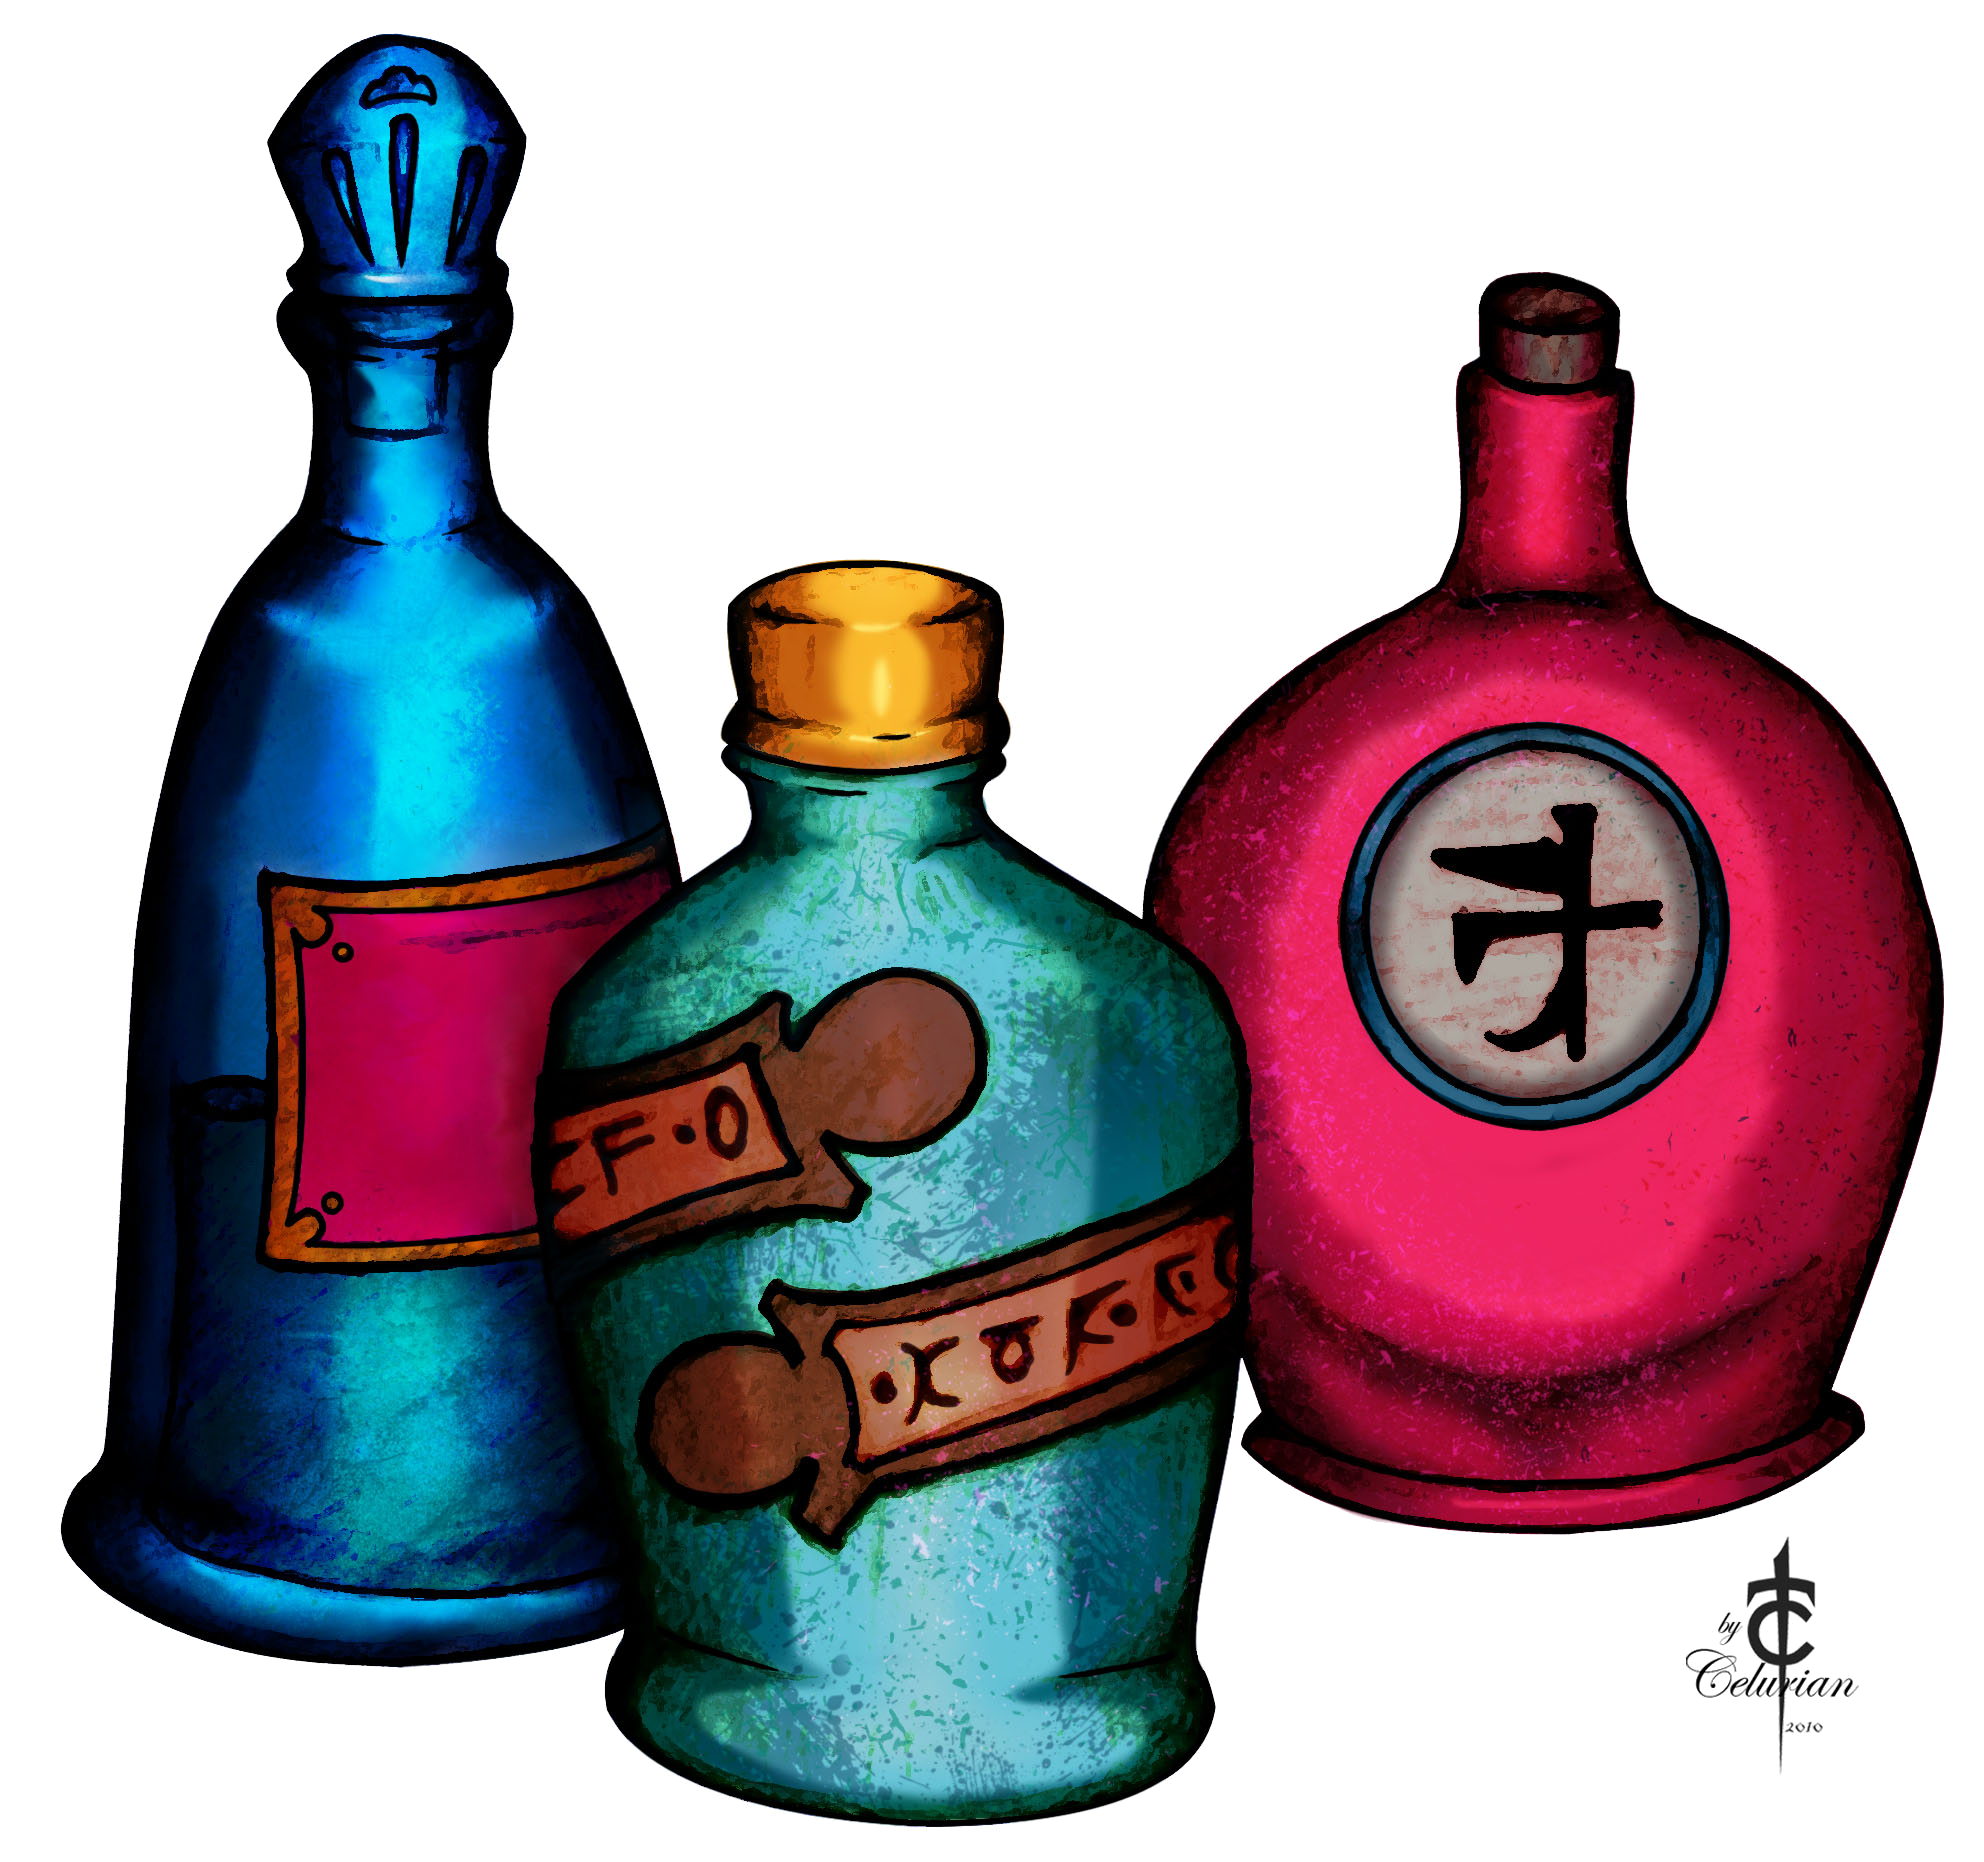 magic potion clipart clipart suggest potion bottle clipart Potion Bottle Clip Art Black and White